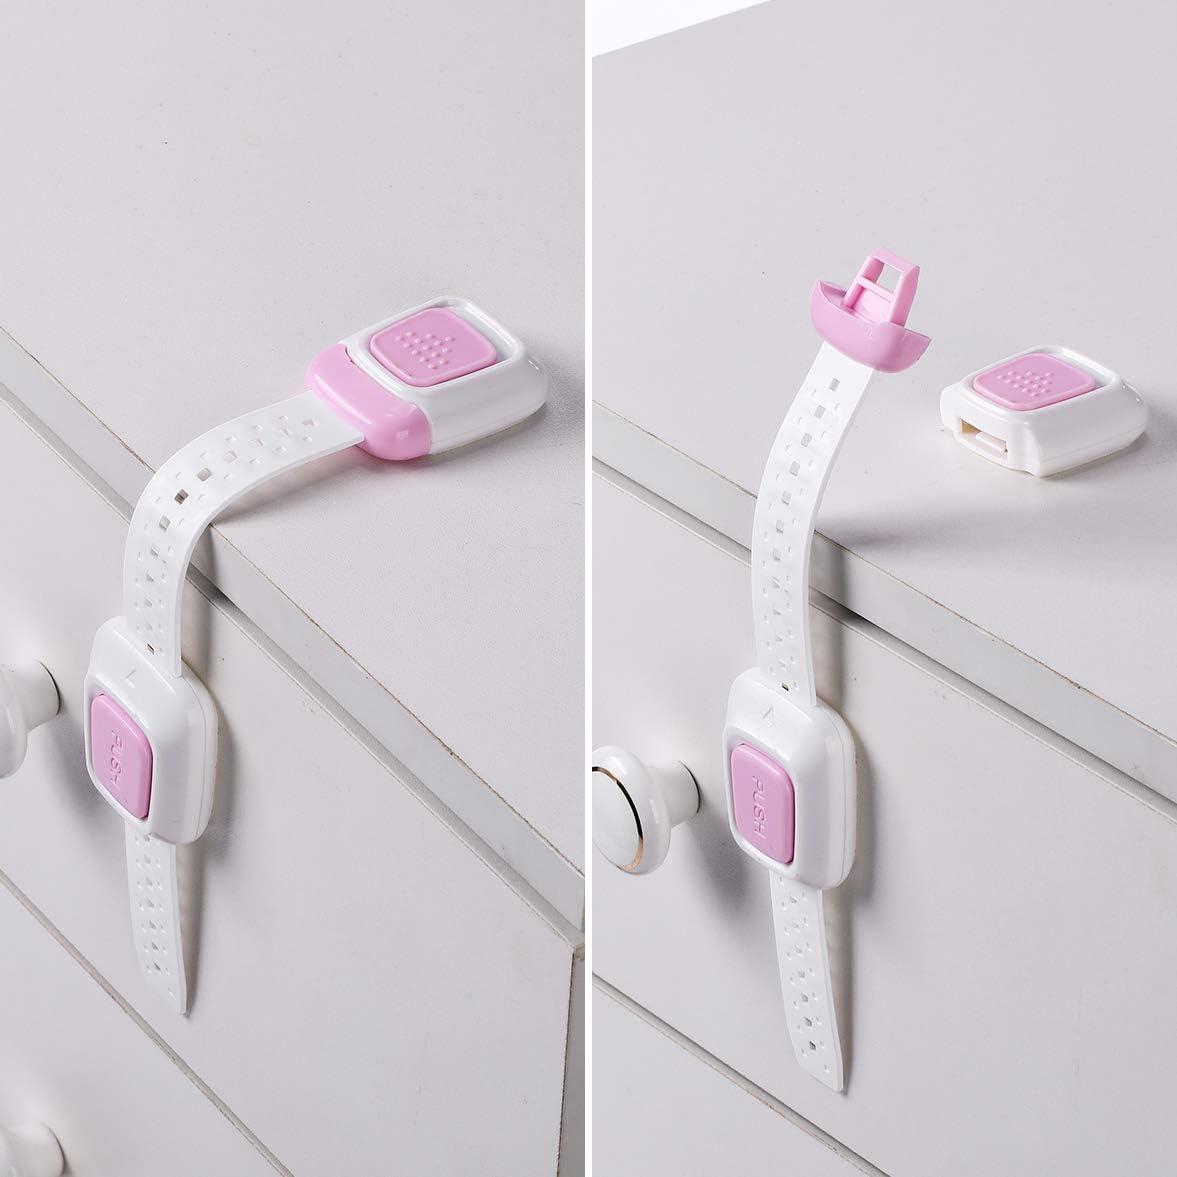 placards ou tiroirs Kit de 4 Rose Adh/ésion ultra-forte Souple /& Longueur r/églable S/écurit/é pour b/éb/é Bloque-armoires